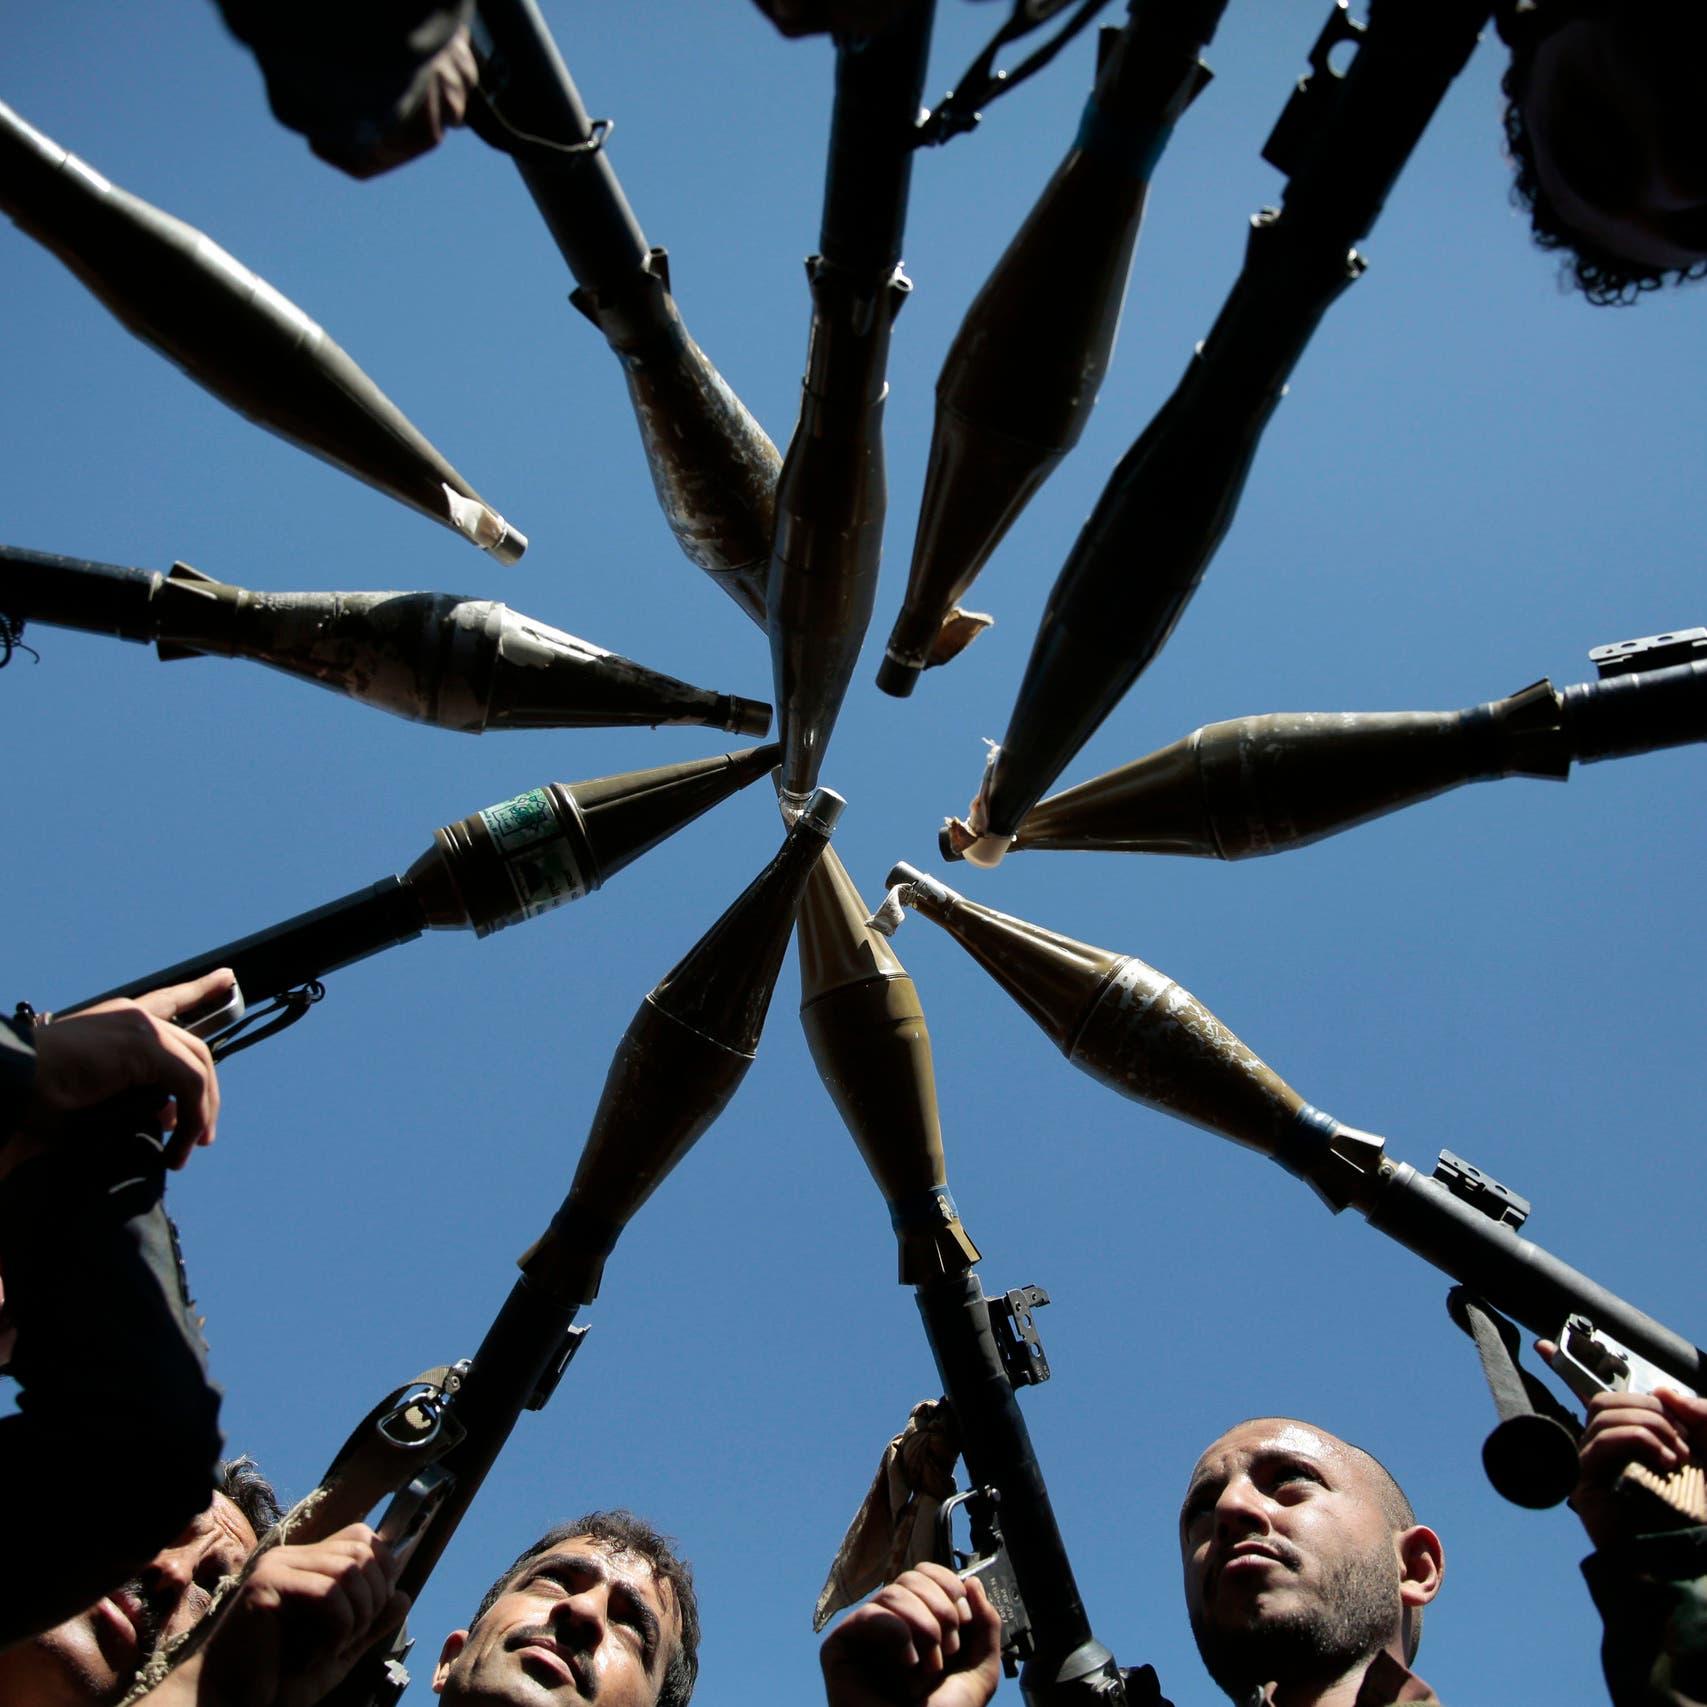 اعتقالات للحوثيين في الحديدة.. وسعي لنهب المساعدات